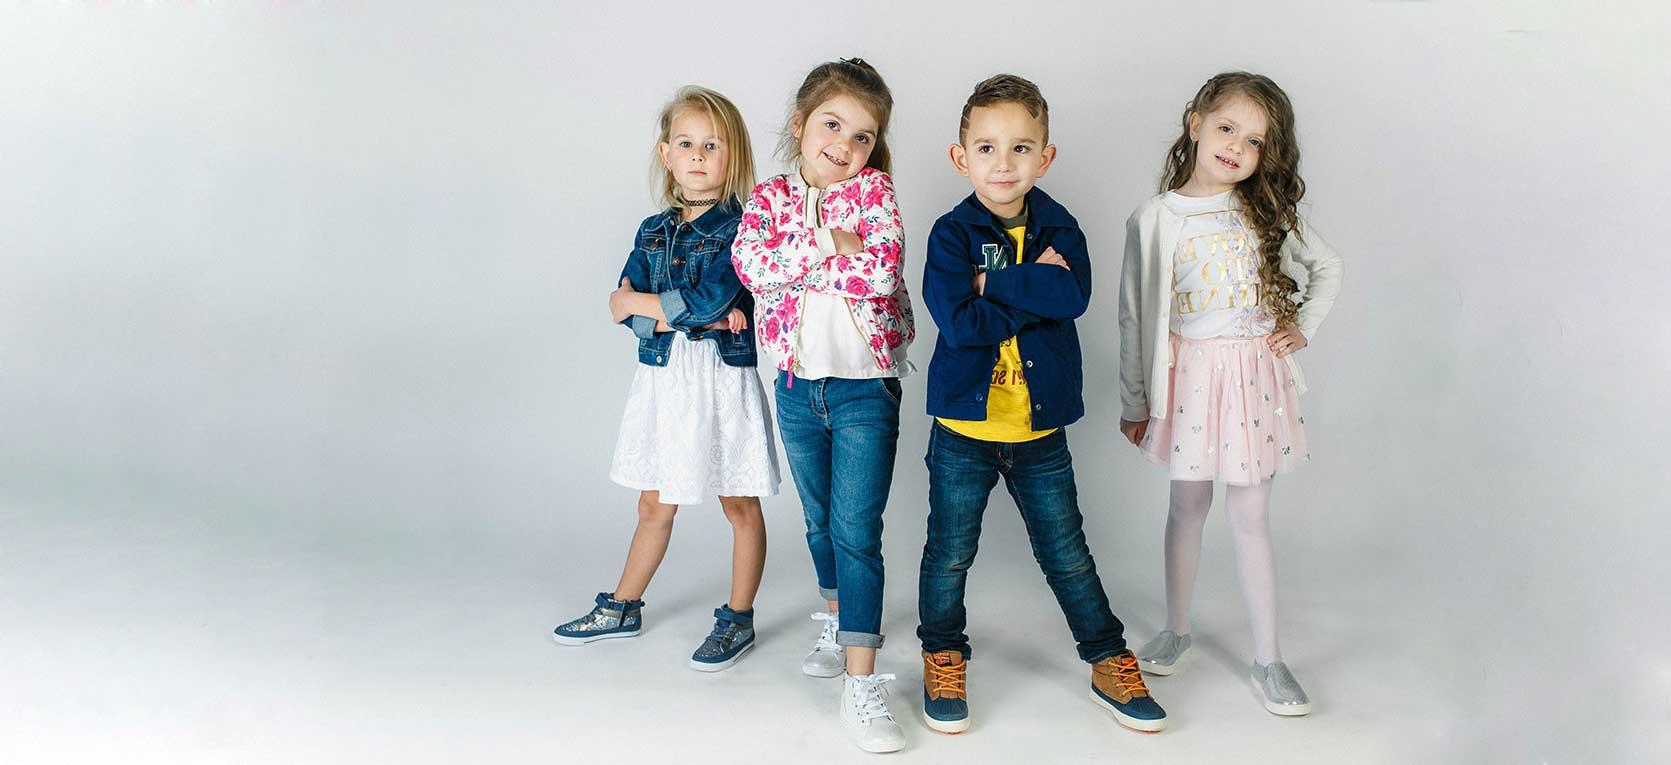 Открытка, картинки с детской одеждой рекламные